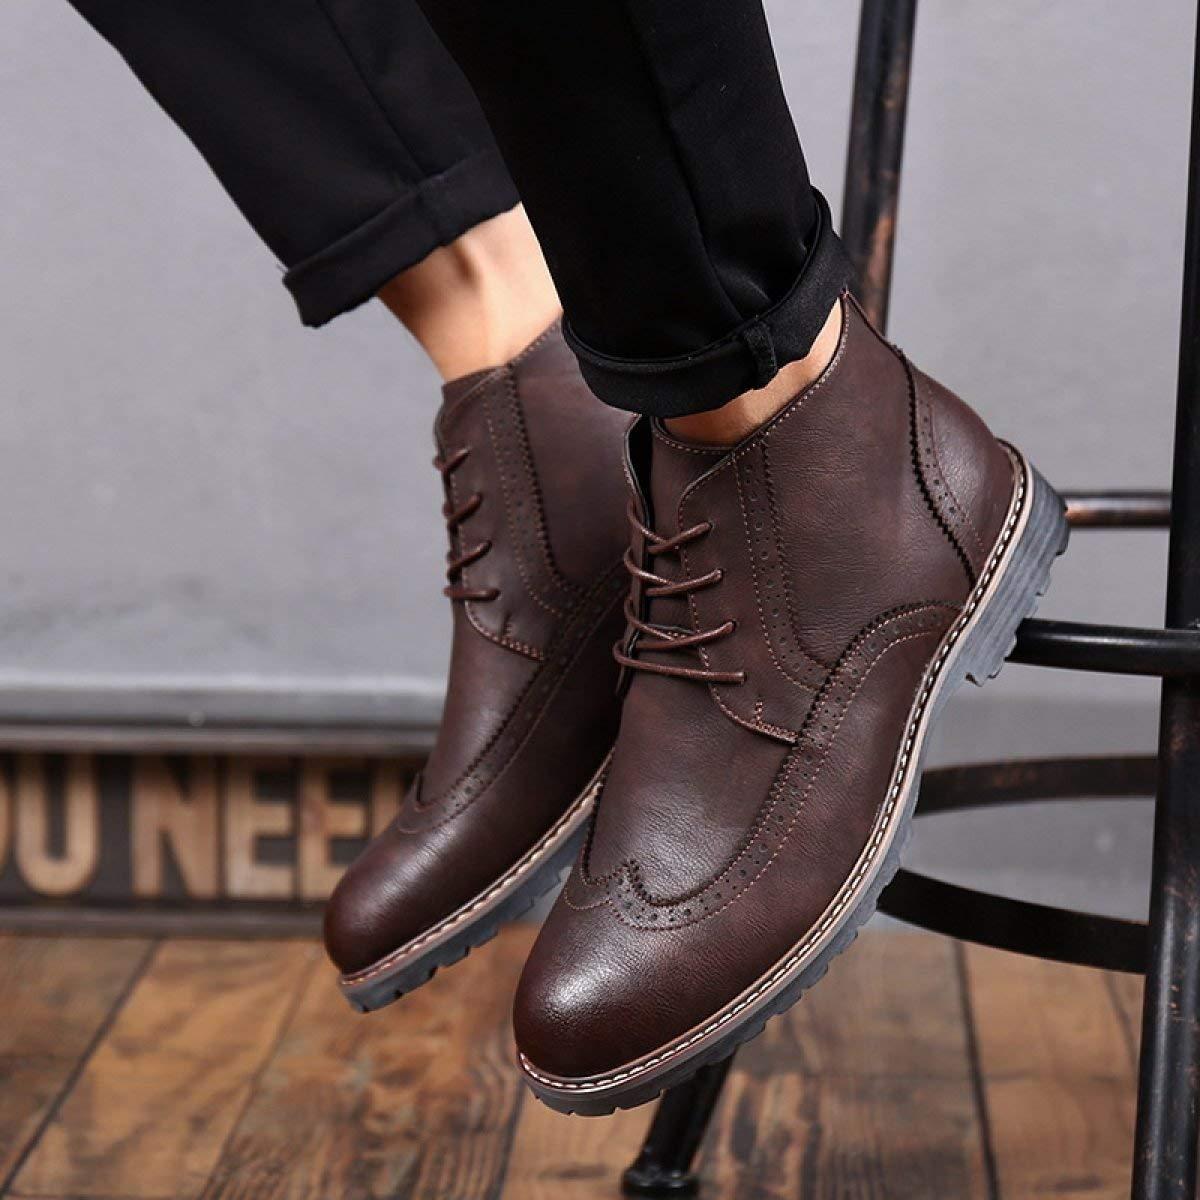 Willsego Herren Lederstiefel Outdoor Martin Stiefel Stiefel Stiefel (Farbe   Darkbraun, Größe   44) 2fcf94